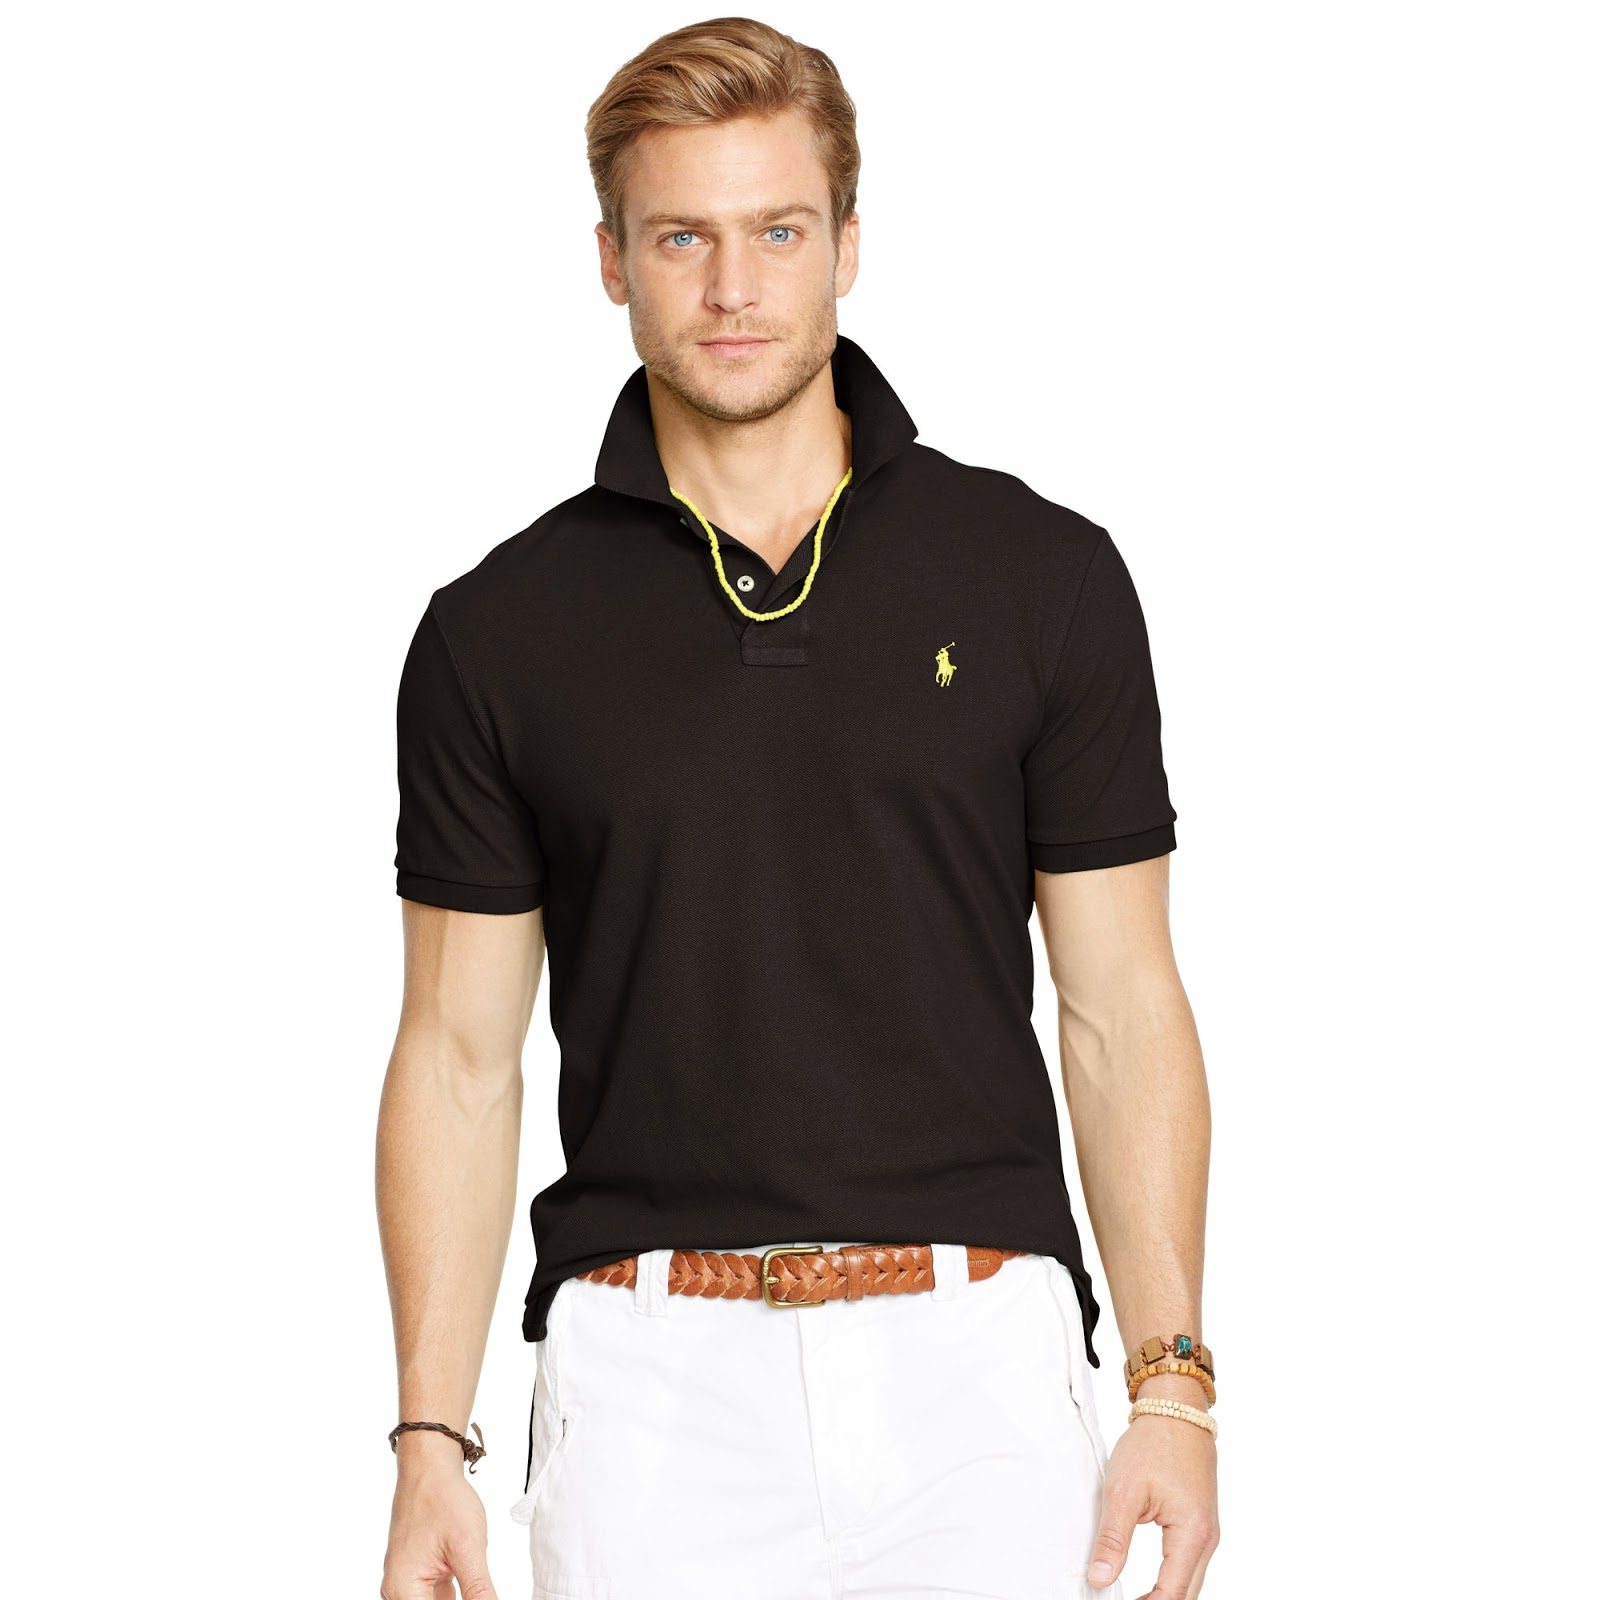 Ralph Lauren Polo Outlet UK-Ralph Lauren Outlet UK Stores. Ralph Lauren Polo Shirts Sale ...